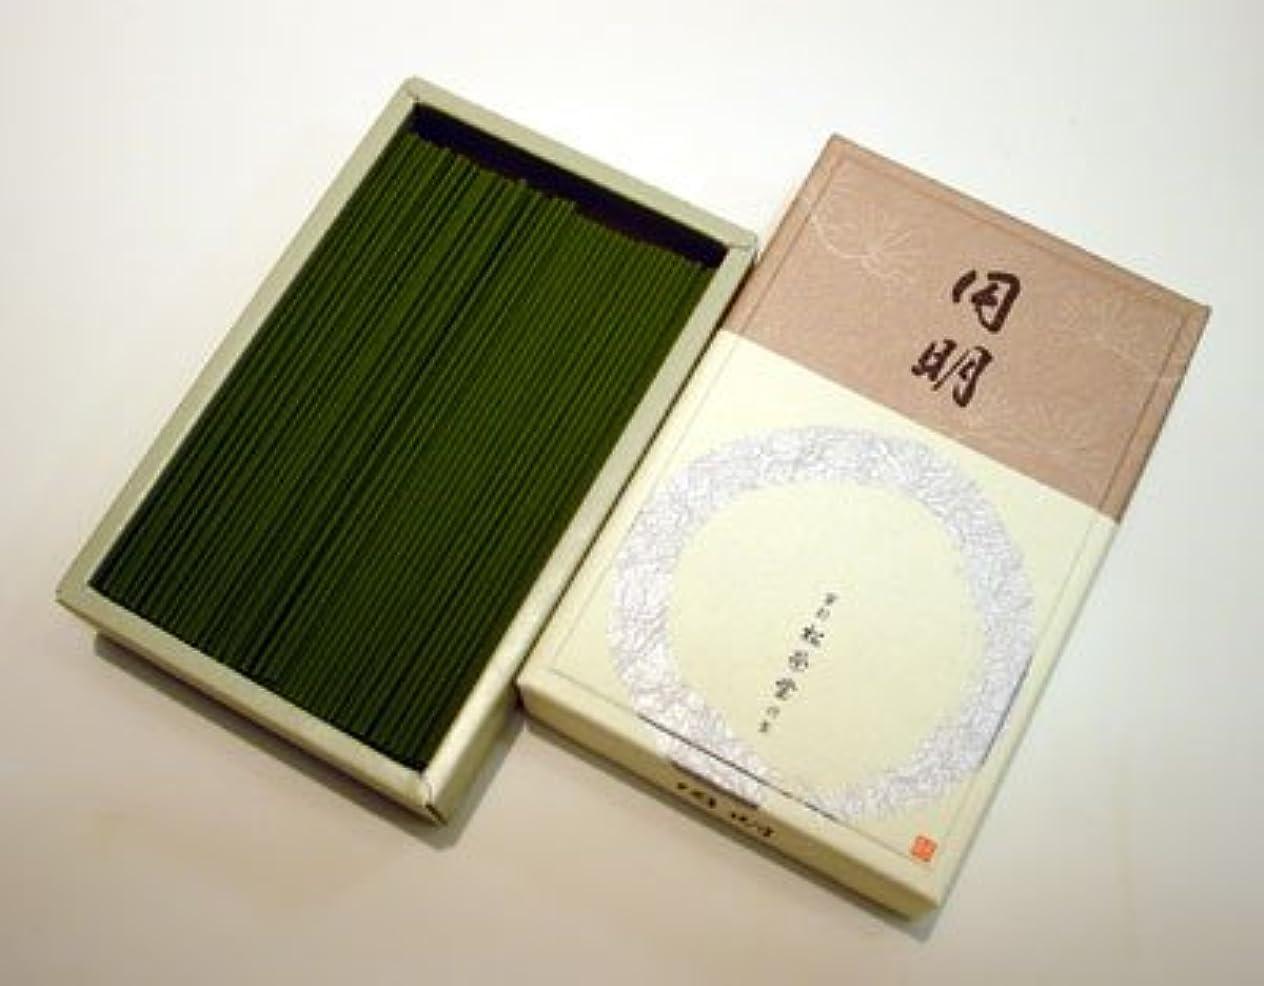 ギャザー教え行列高級沈香の閑静な香り 京都松栄堂 円明(えんめい) バラ